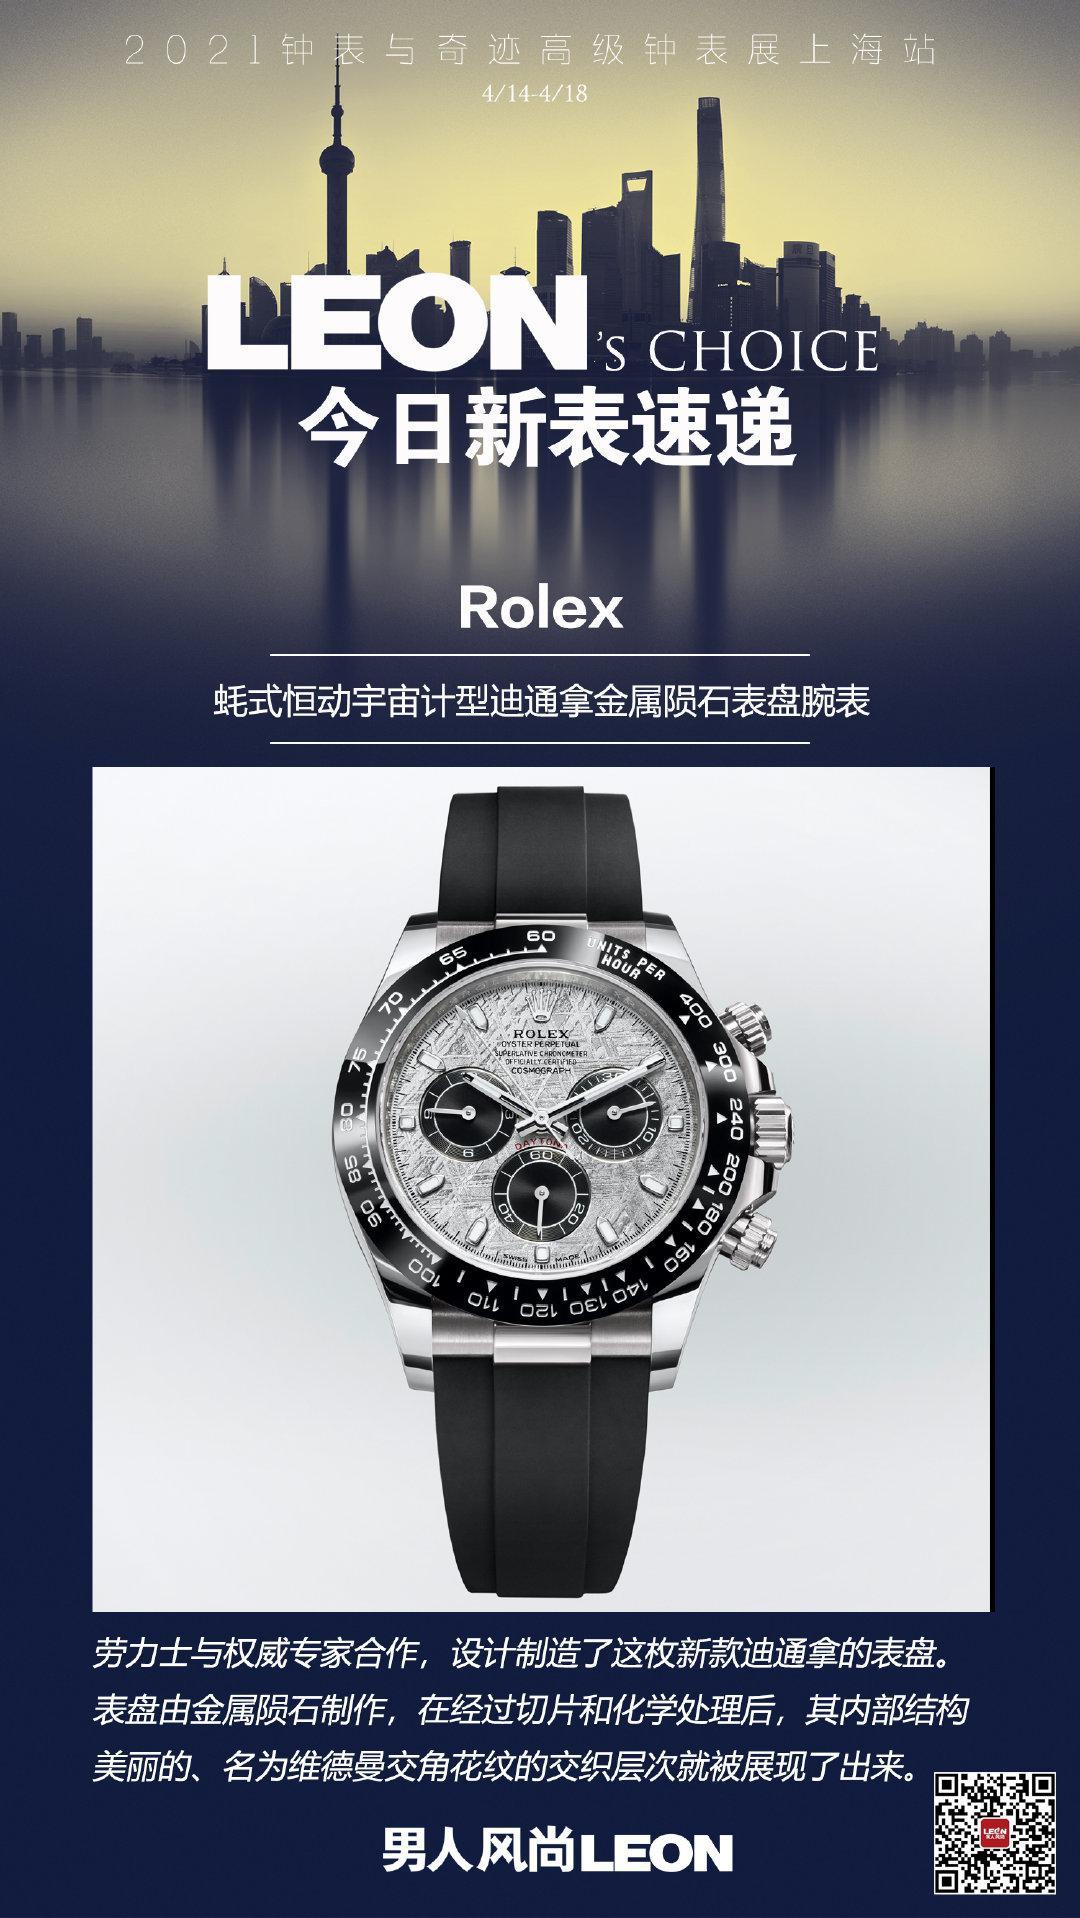 劳力士Rolex 蚝式恒动宇宙计型迪通拿金属陨石表盘腕表……